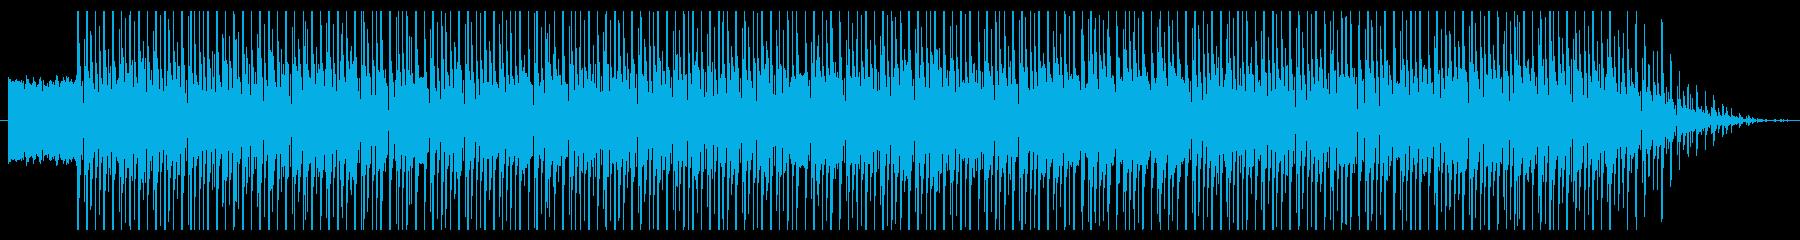 アメリカ南部の陽気なジャングルビートの再生済みの波形